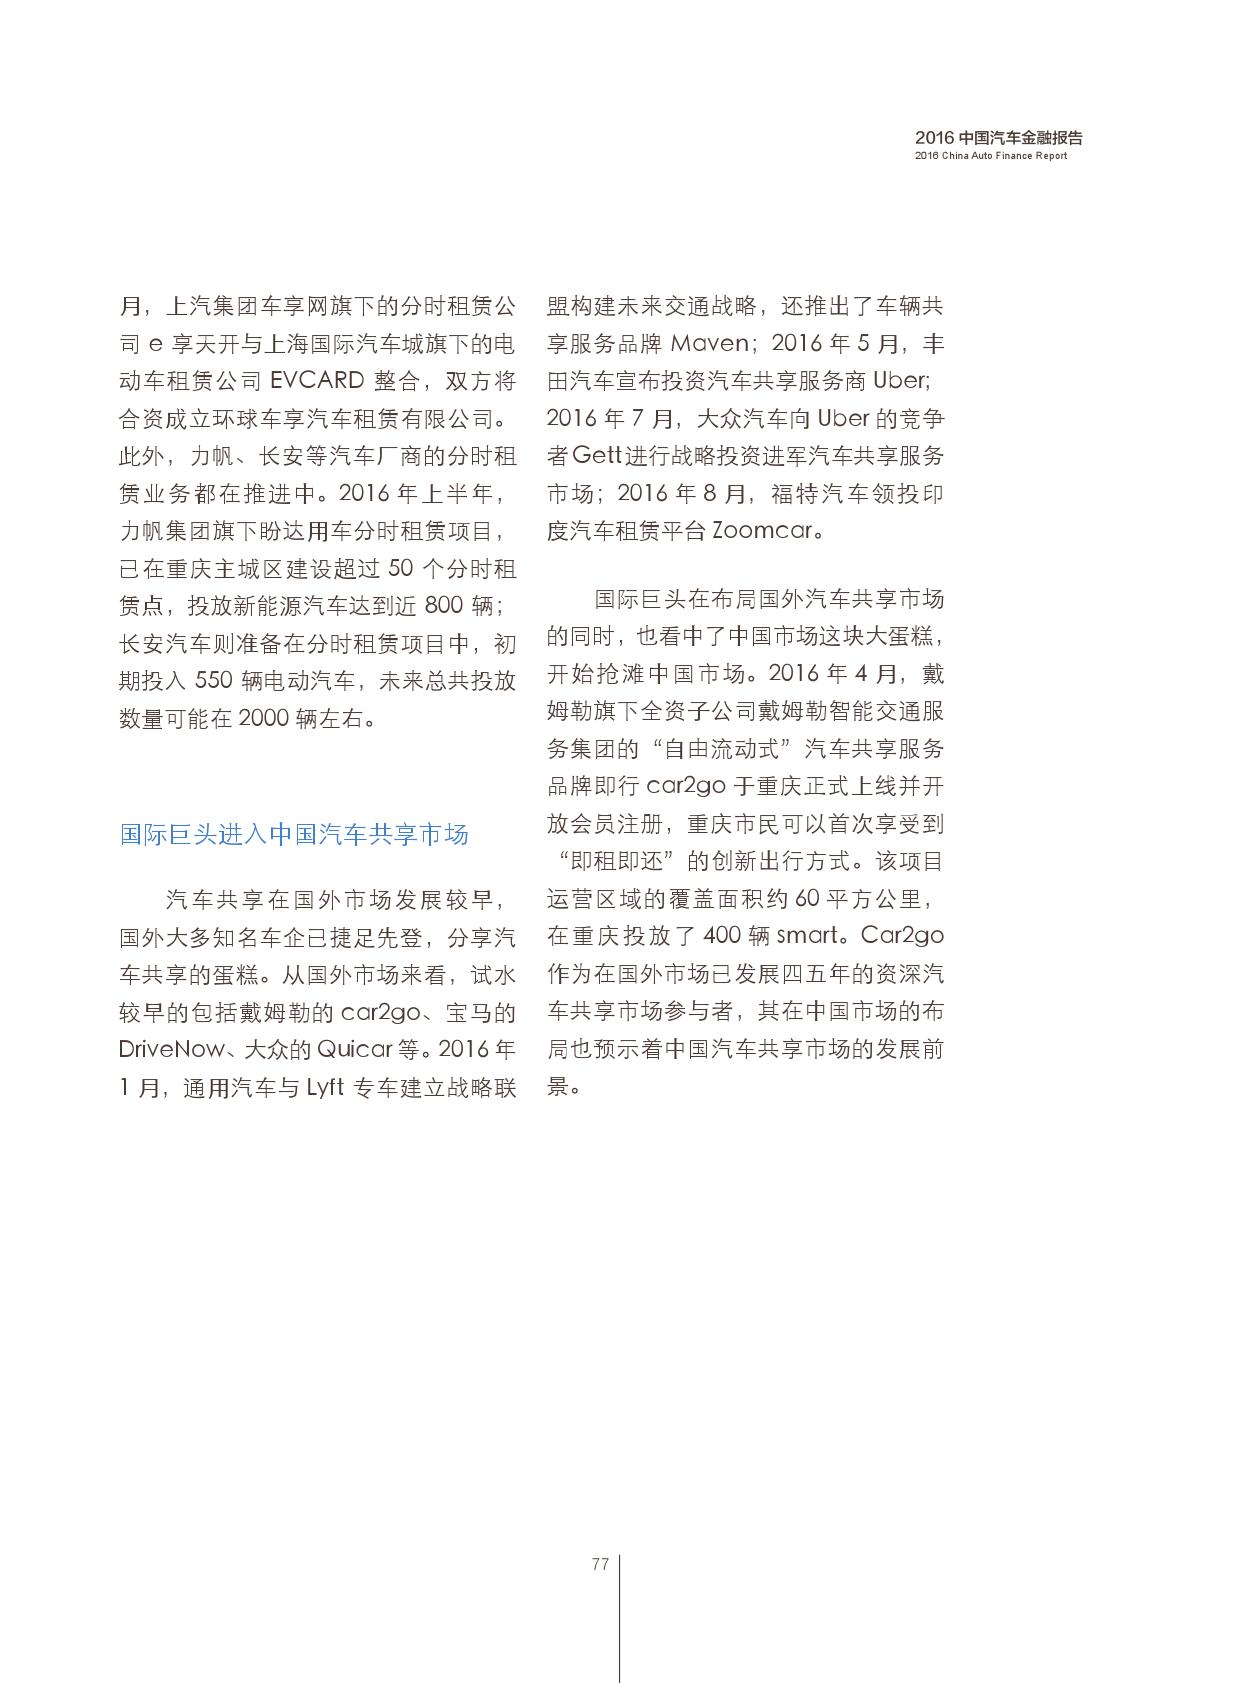 2016中国汽车金融报告_000078